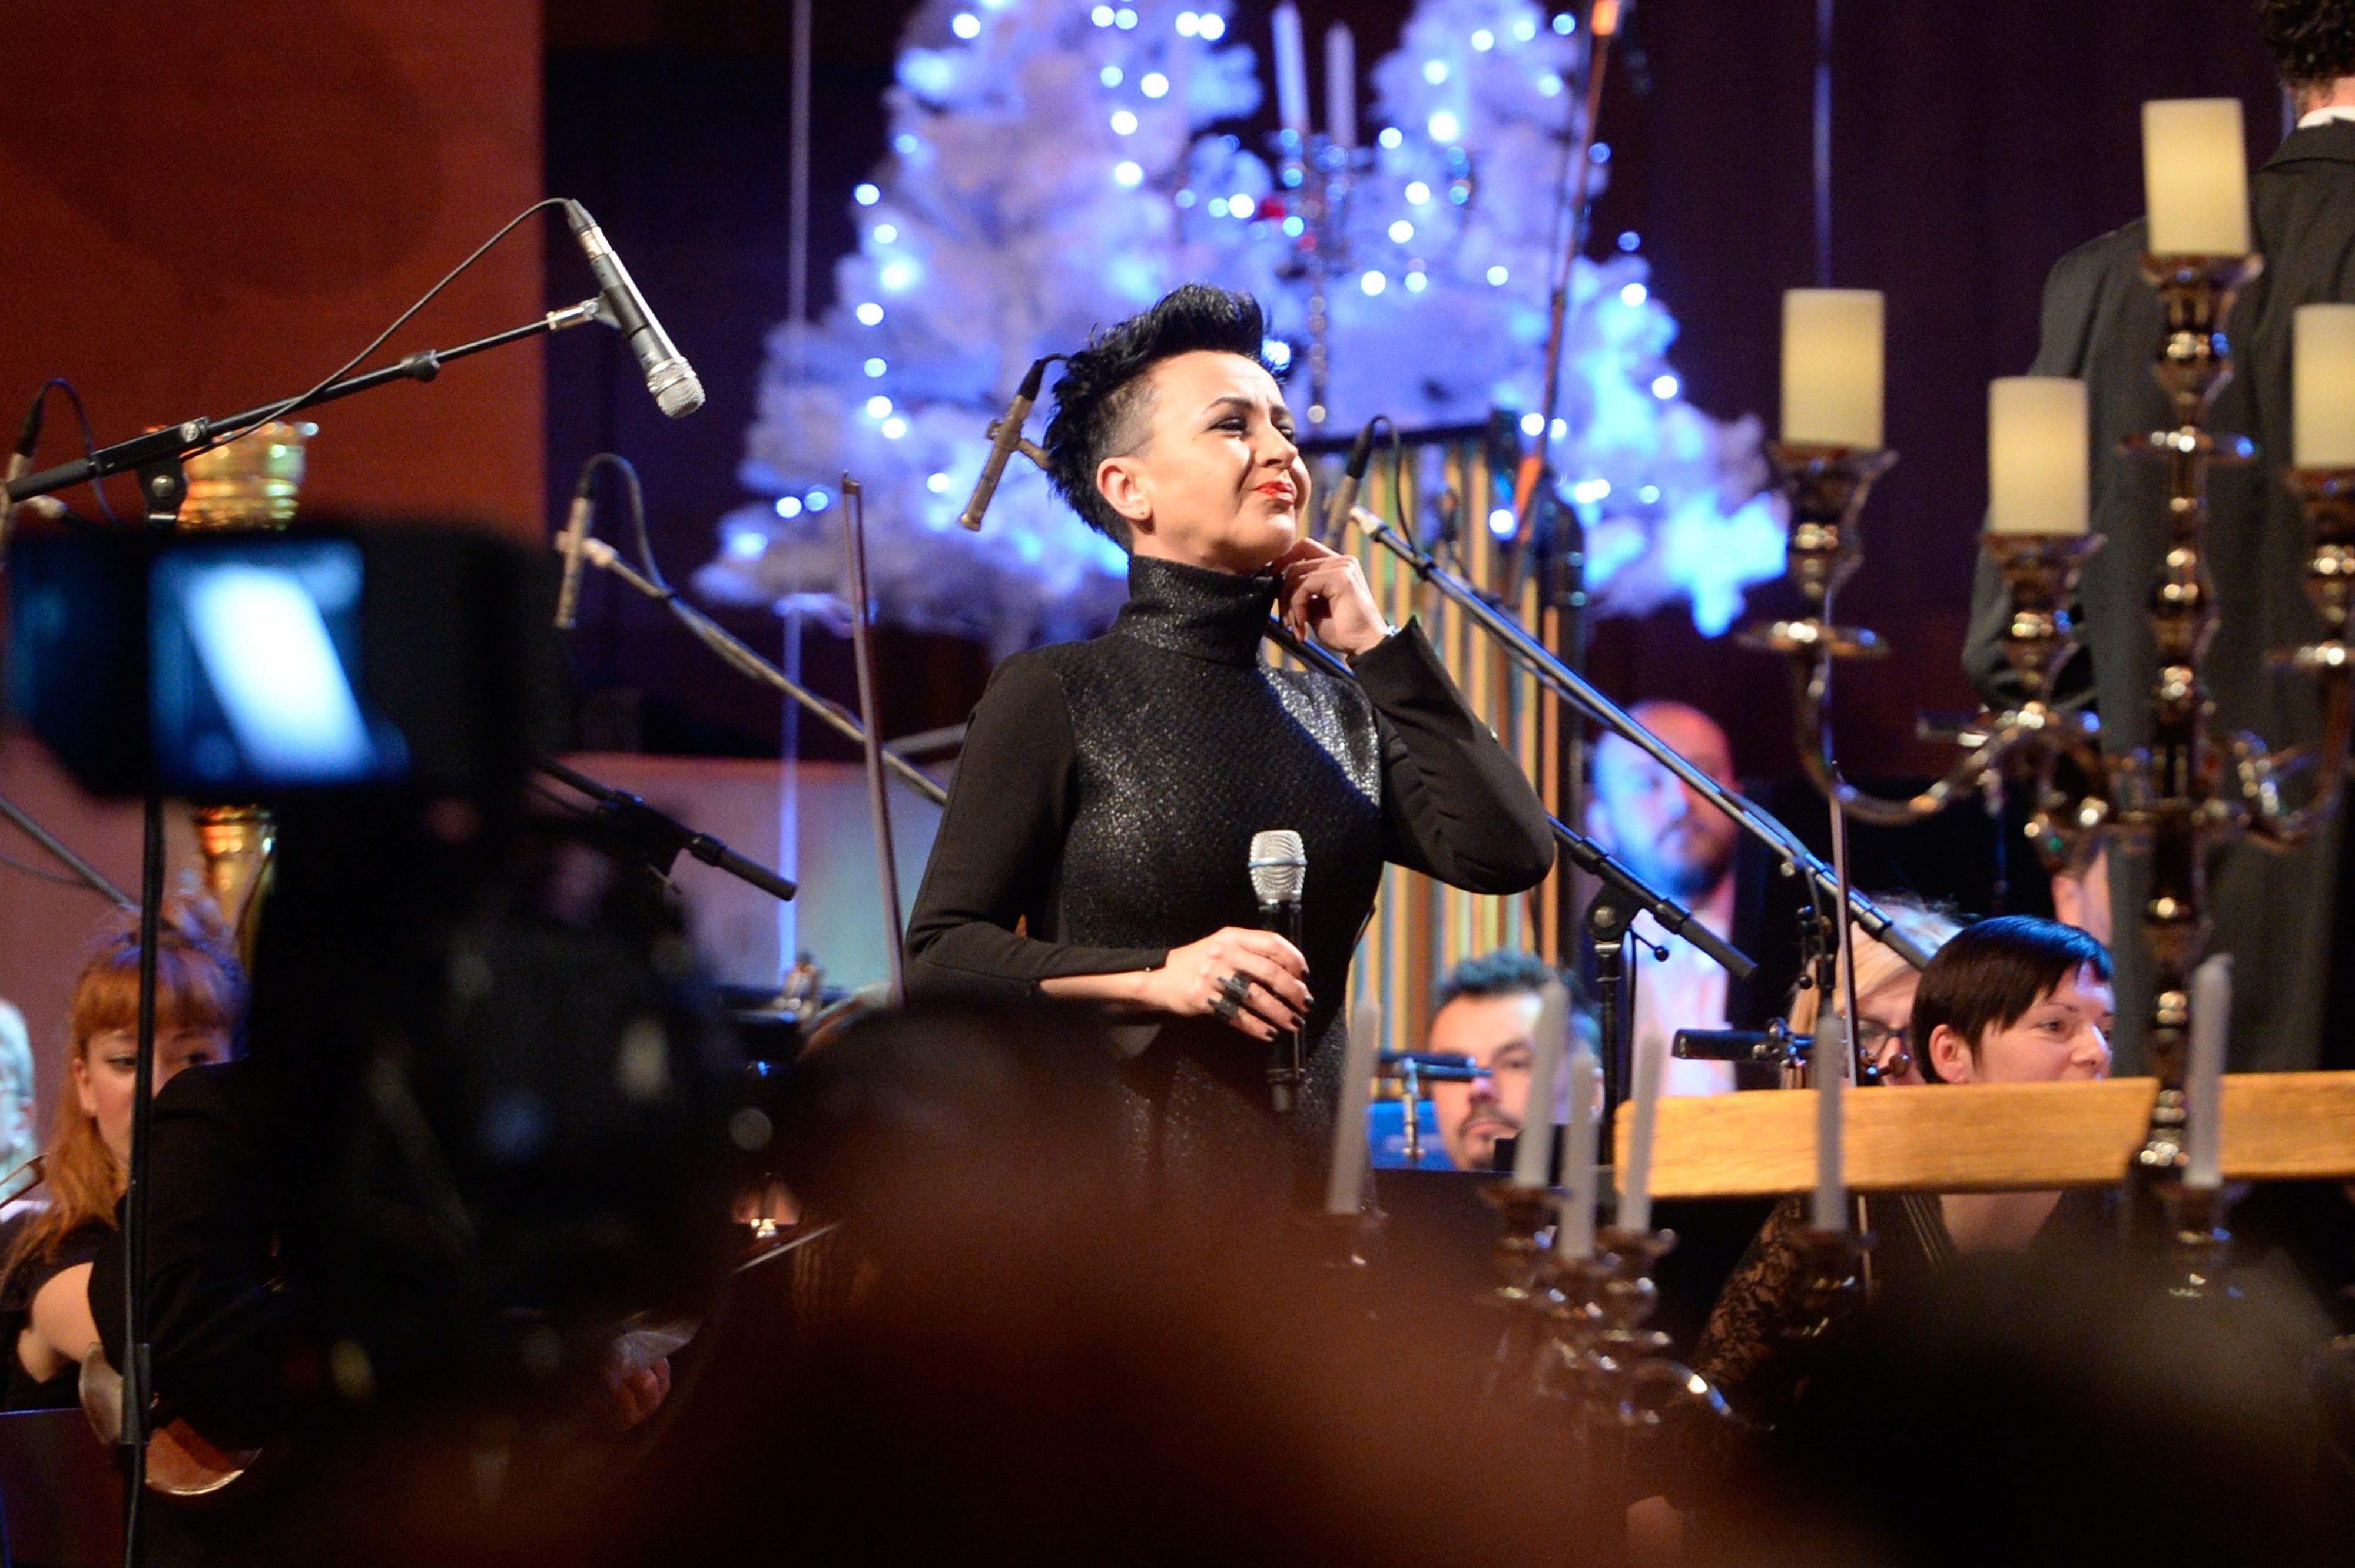 koncert_lisinski21-221217